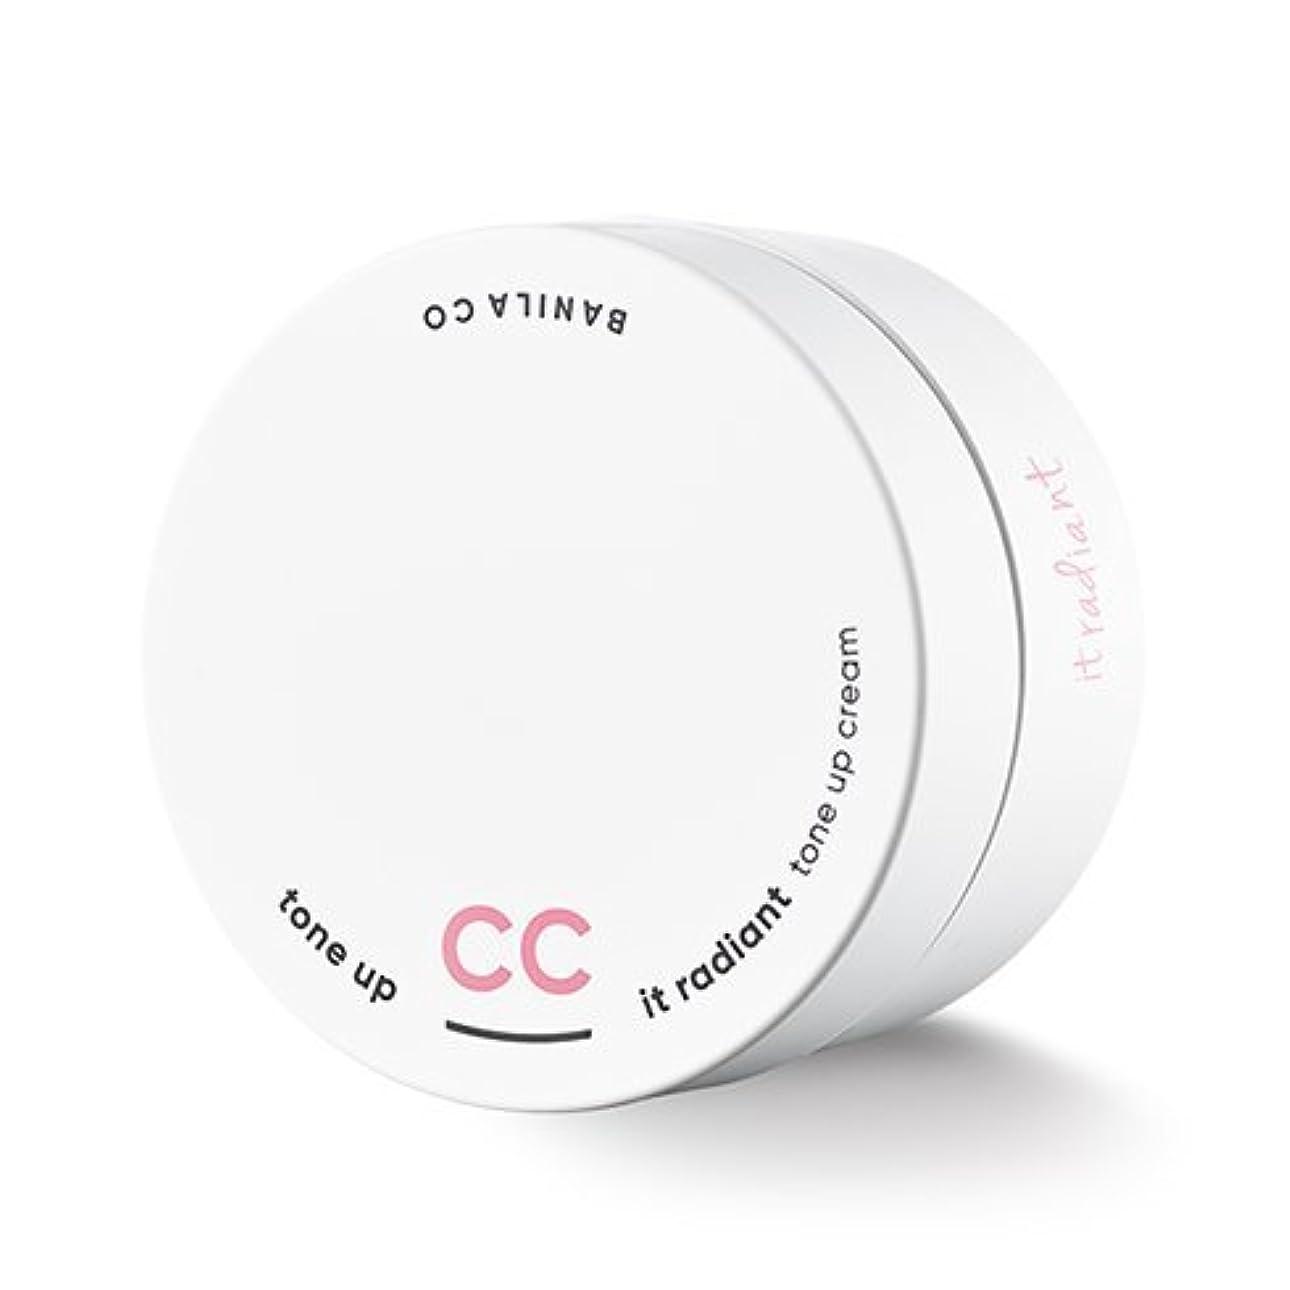 可愛いラック空のBANILA CO It Radiant CC Tone Up Cream 50ml/バニラコ イット ラディアント CC トーンアップ クリーム 50ml [並行輸入品]